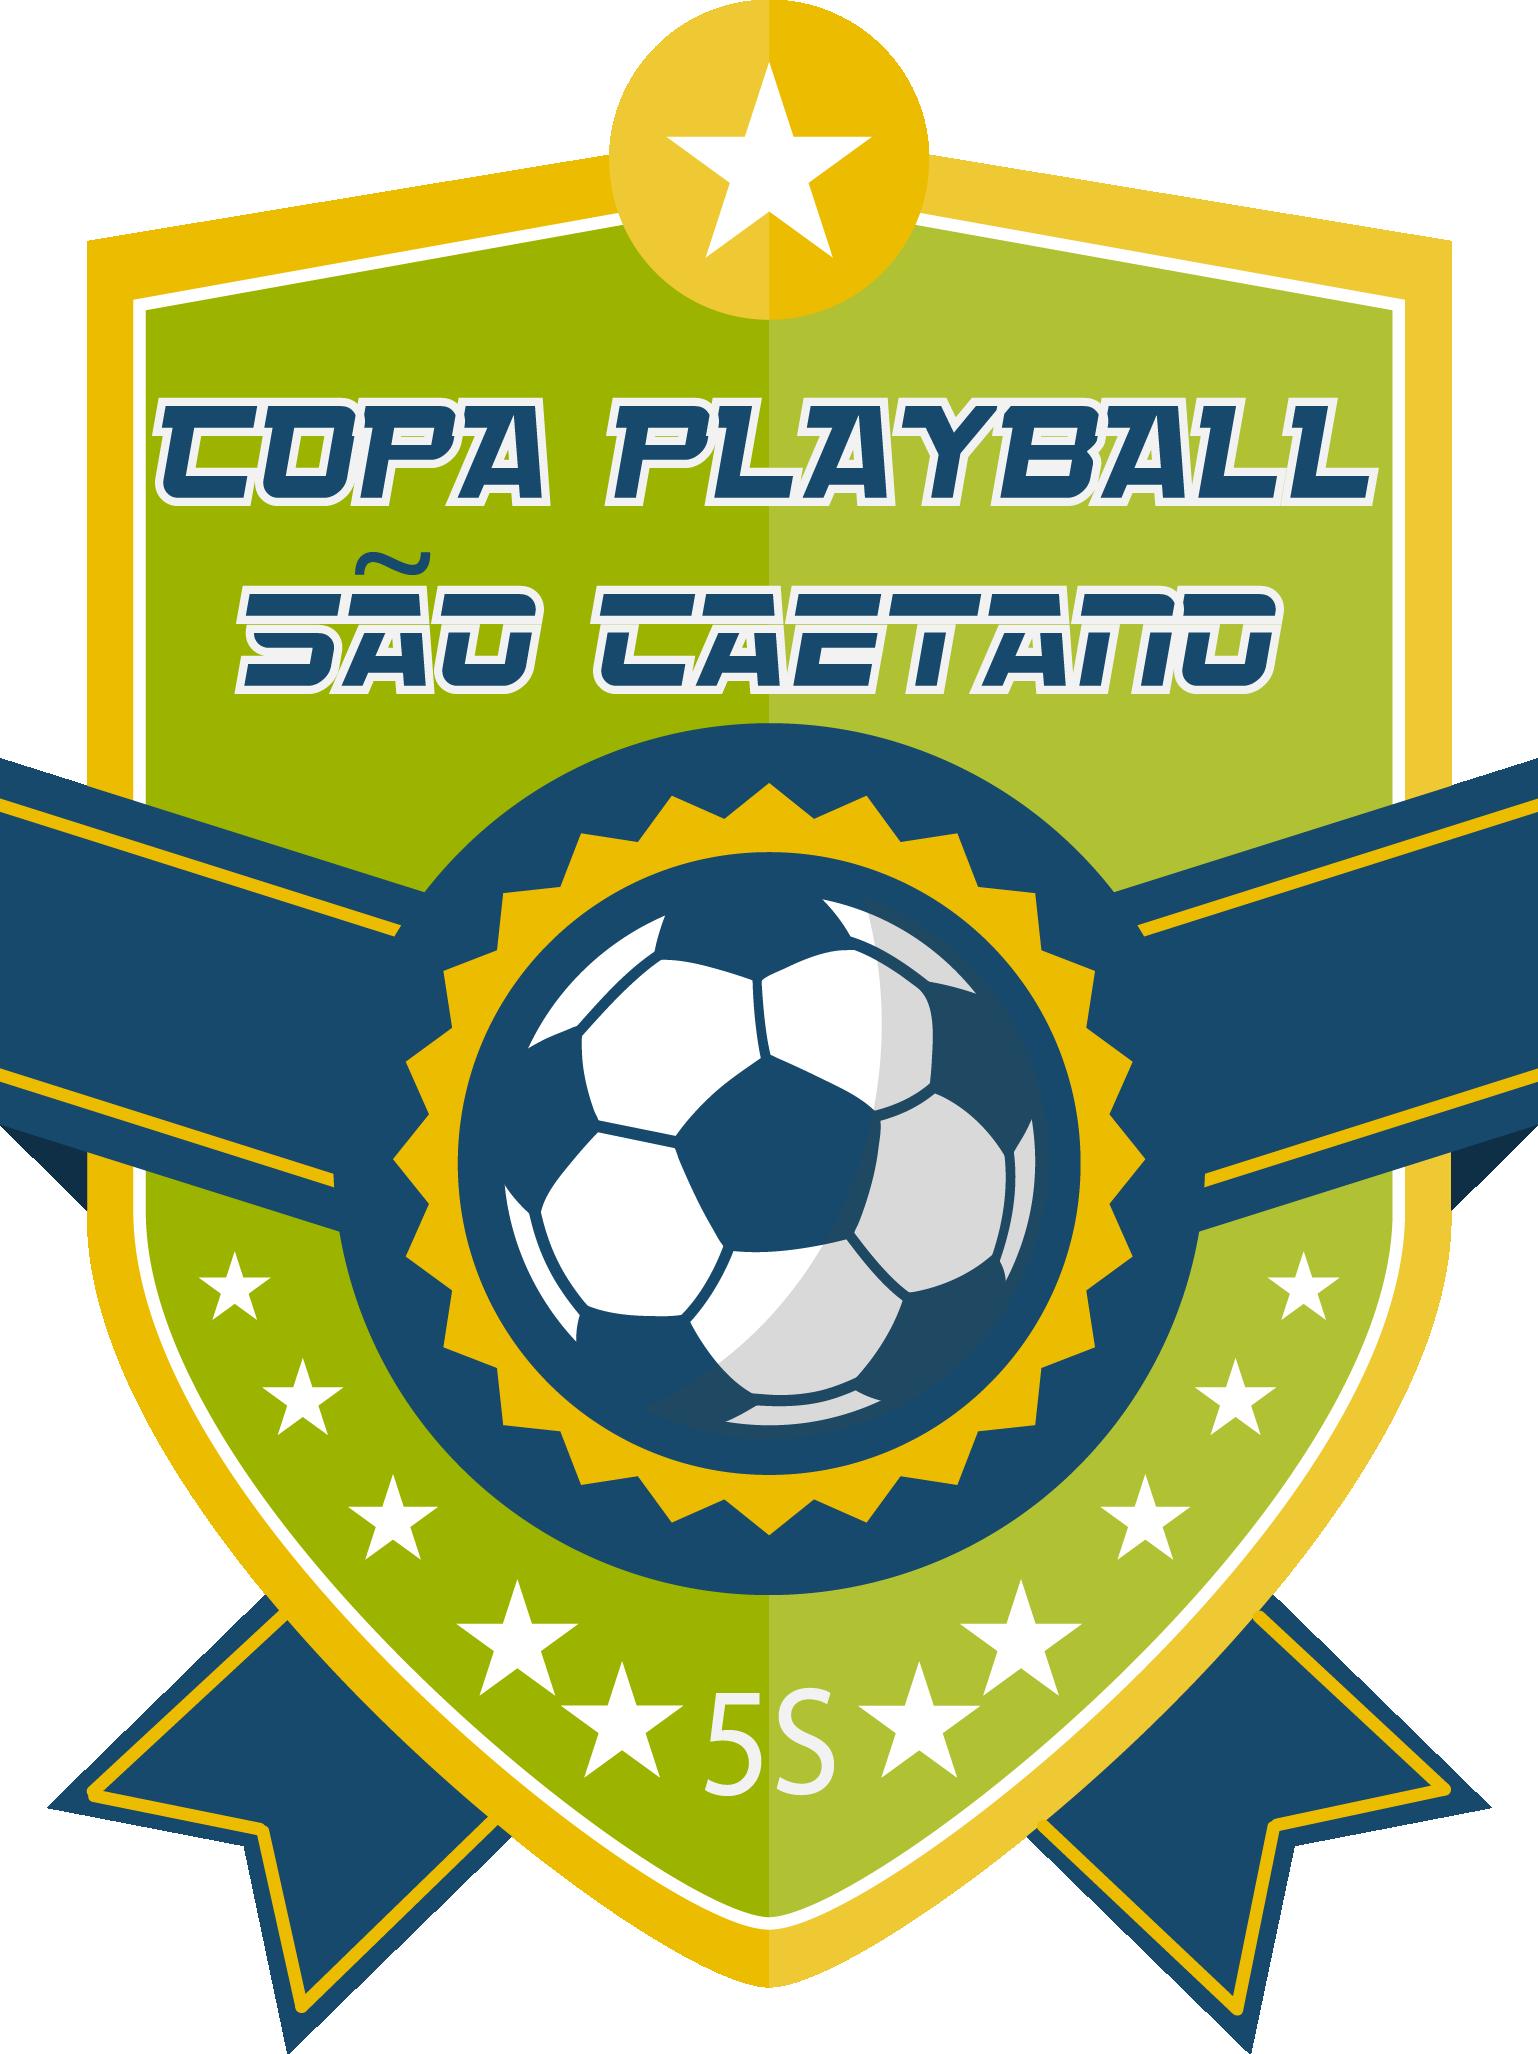 VI Copa Playball São Caetano 5S Série A